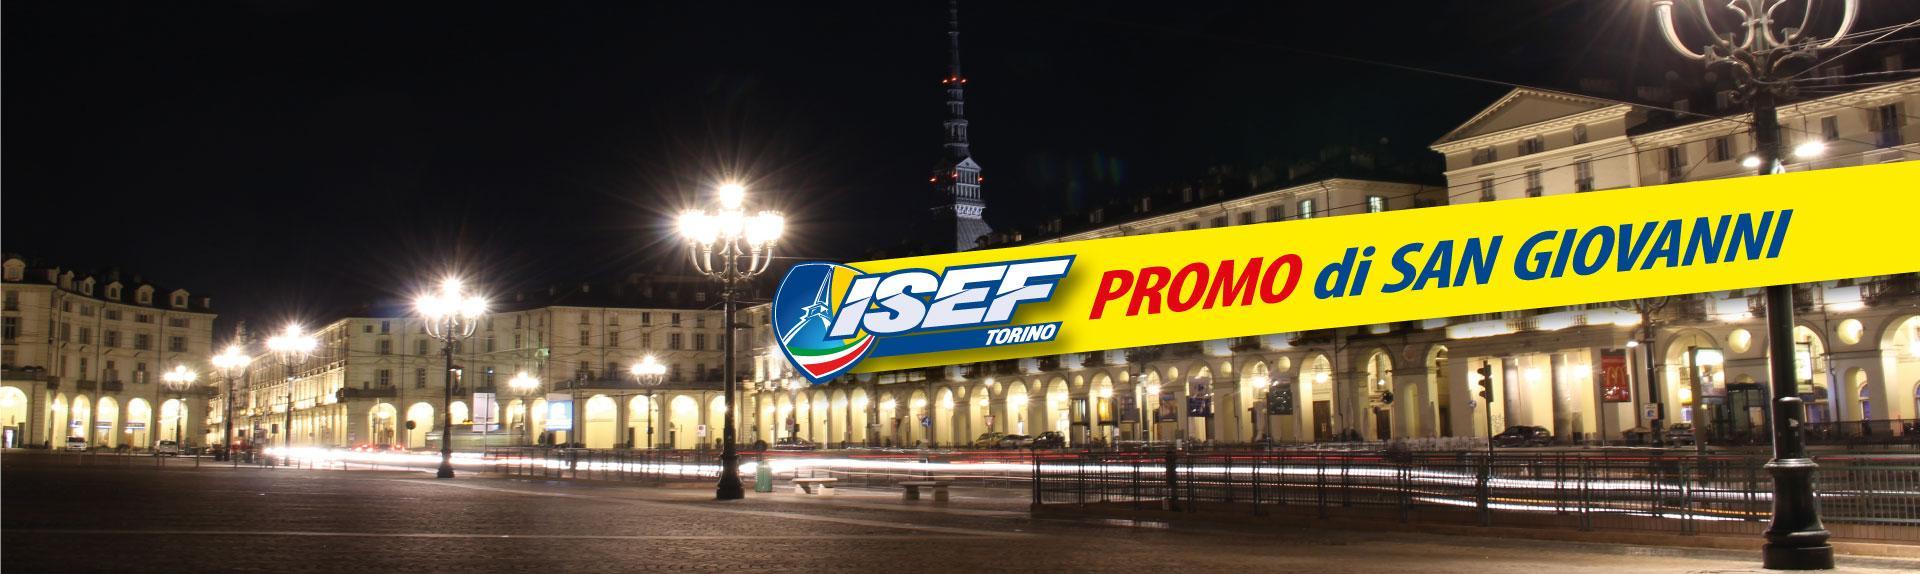 promo di San Giovanni